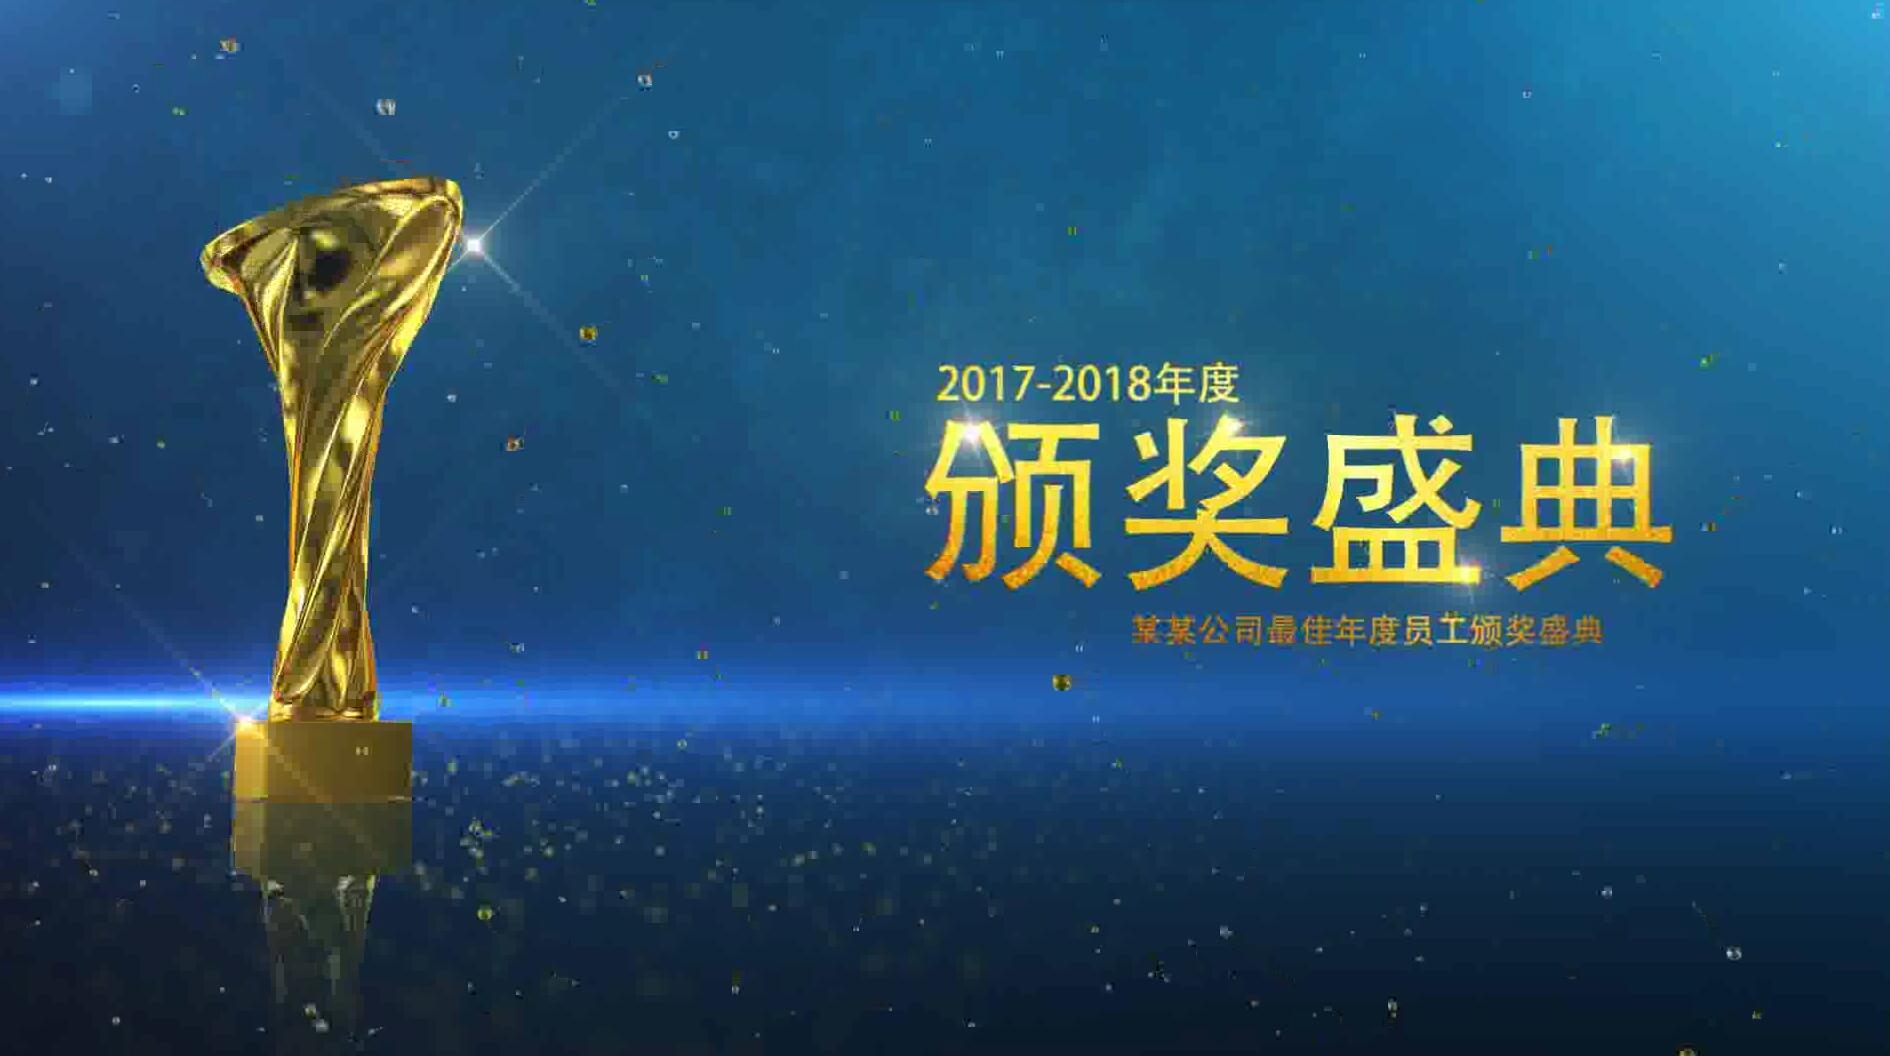 原创2018年颁奖盛典AE模板